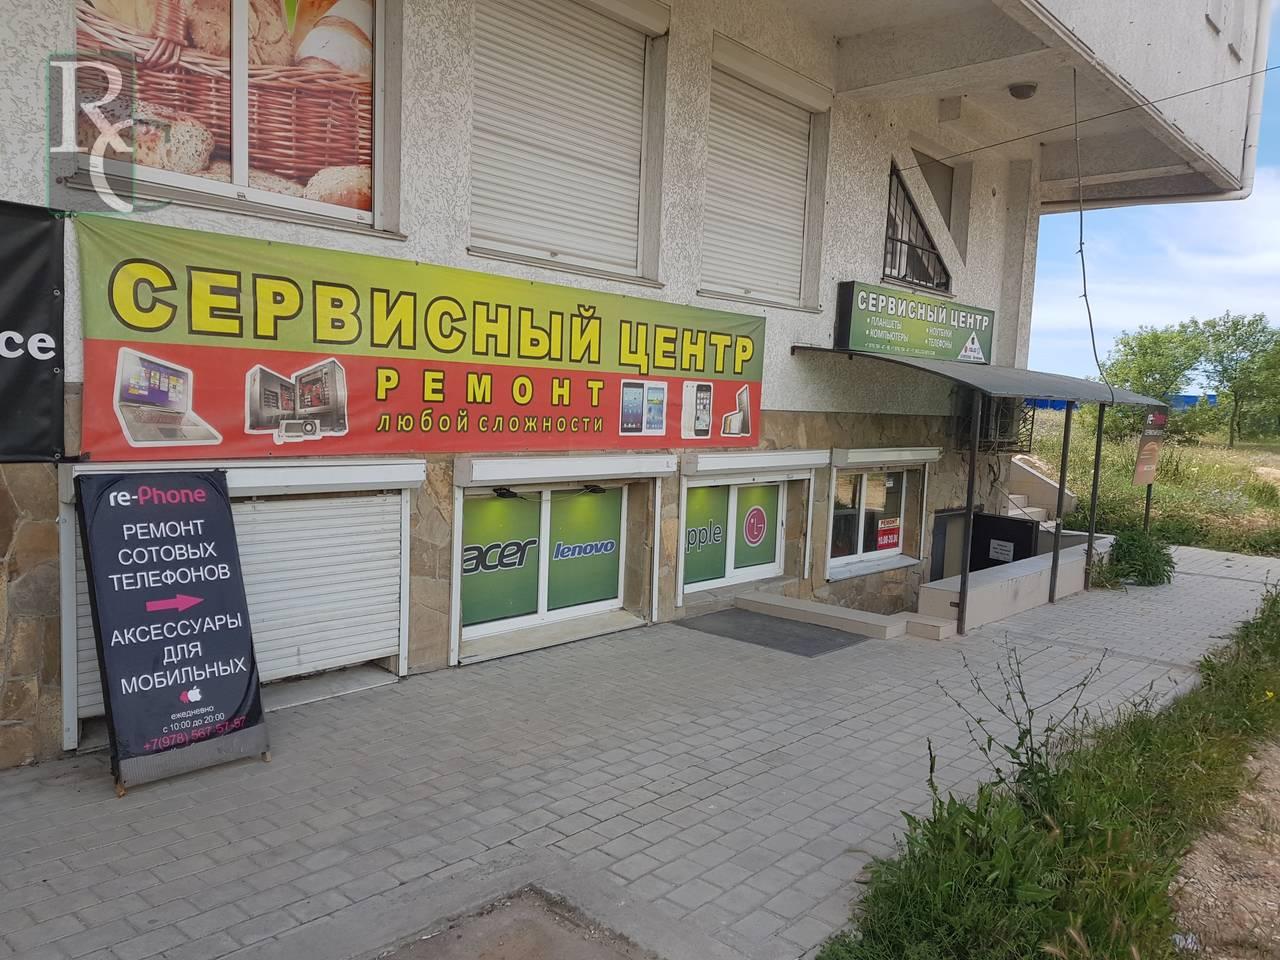 г Севастополь, ул Вакуленчука, д 36/1